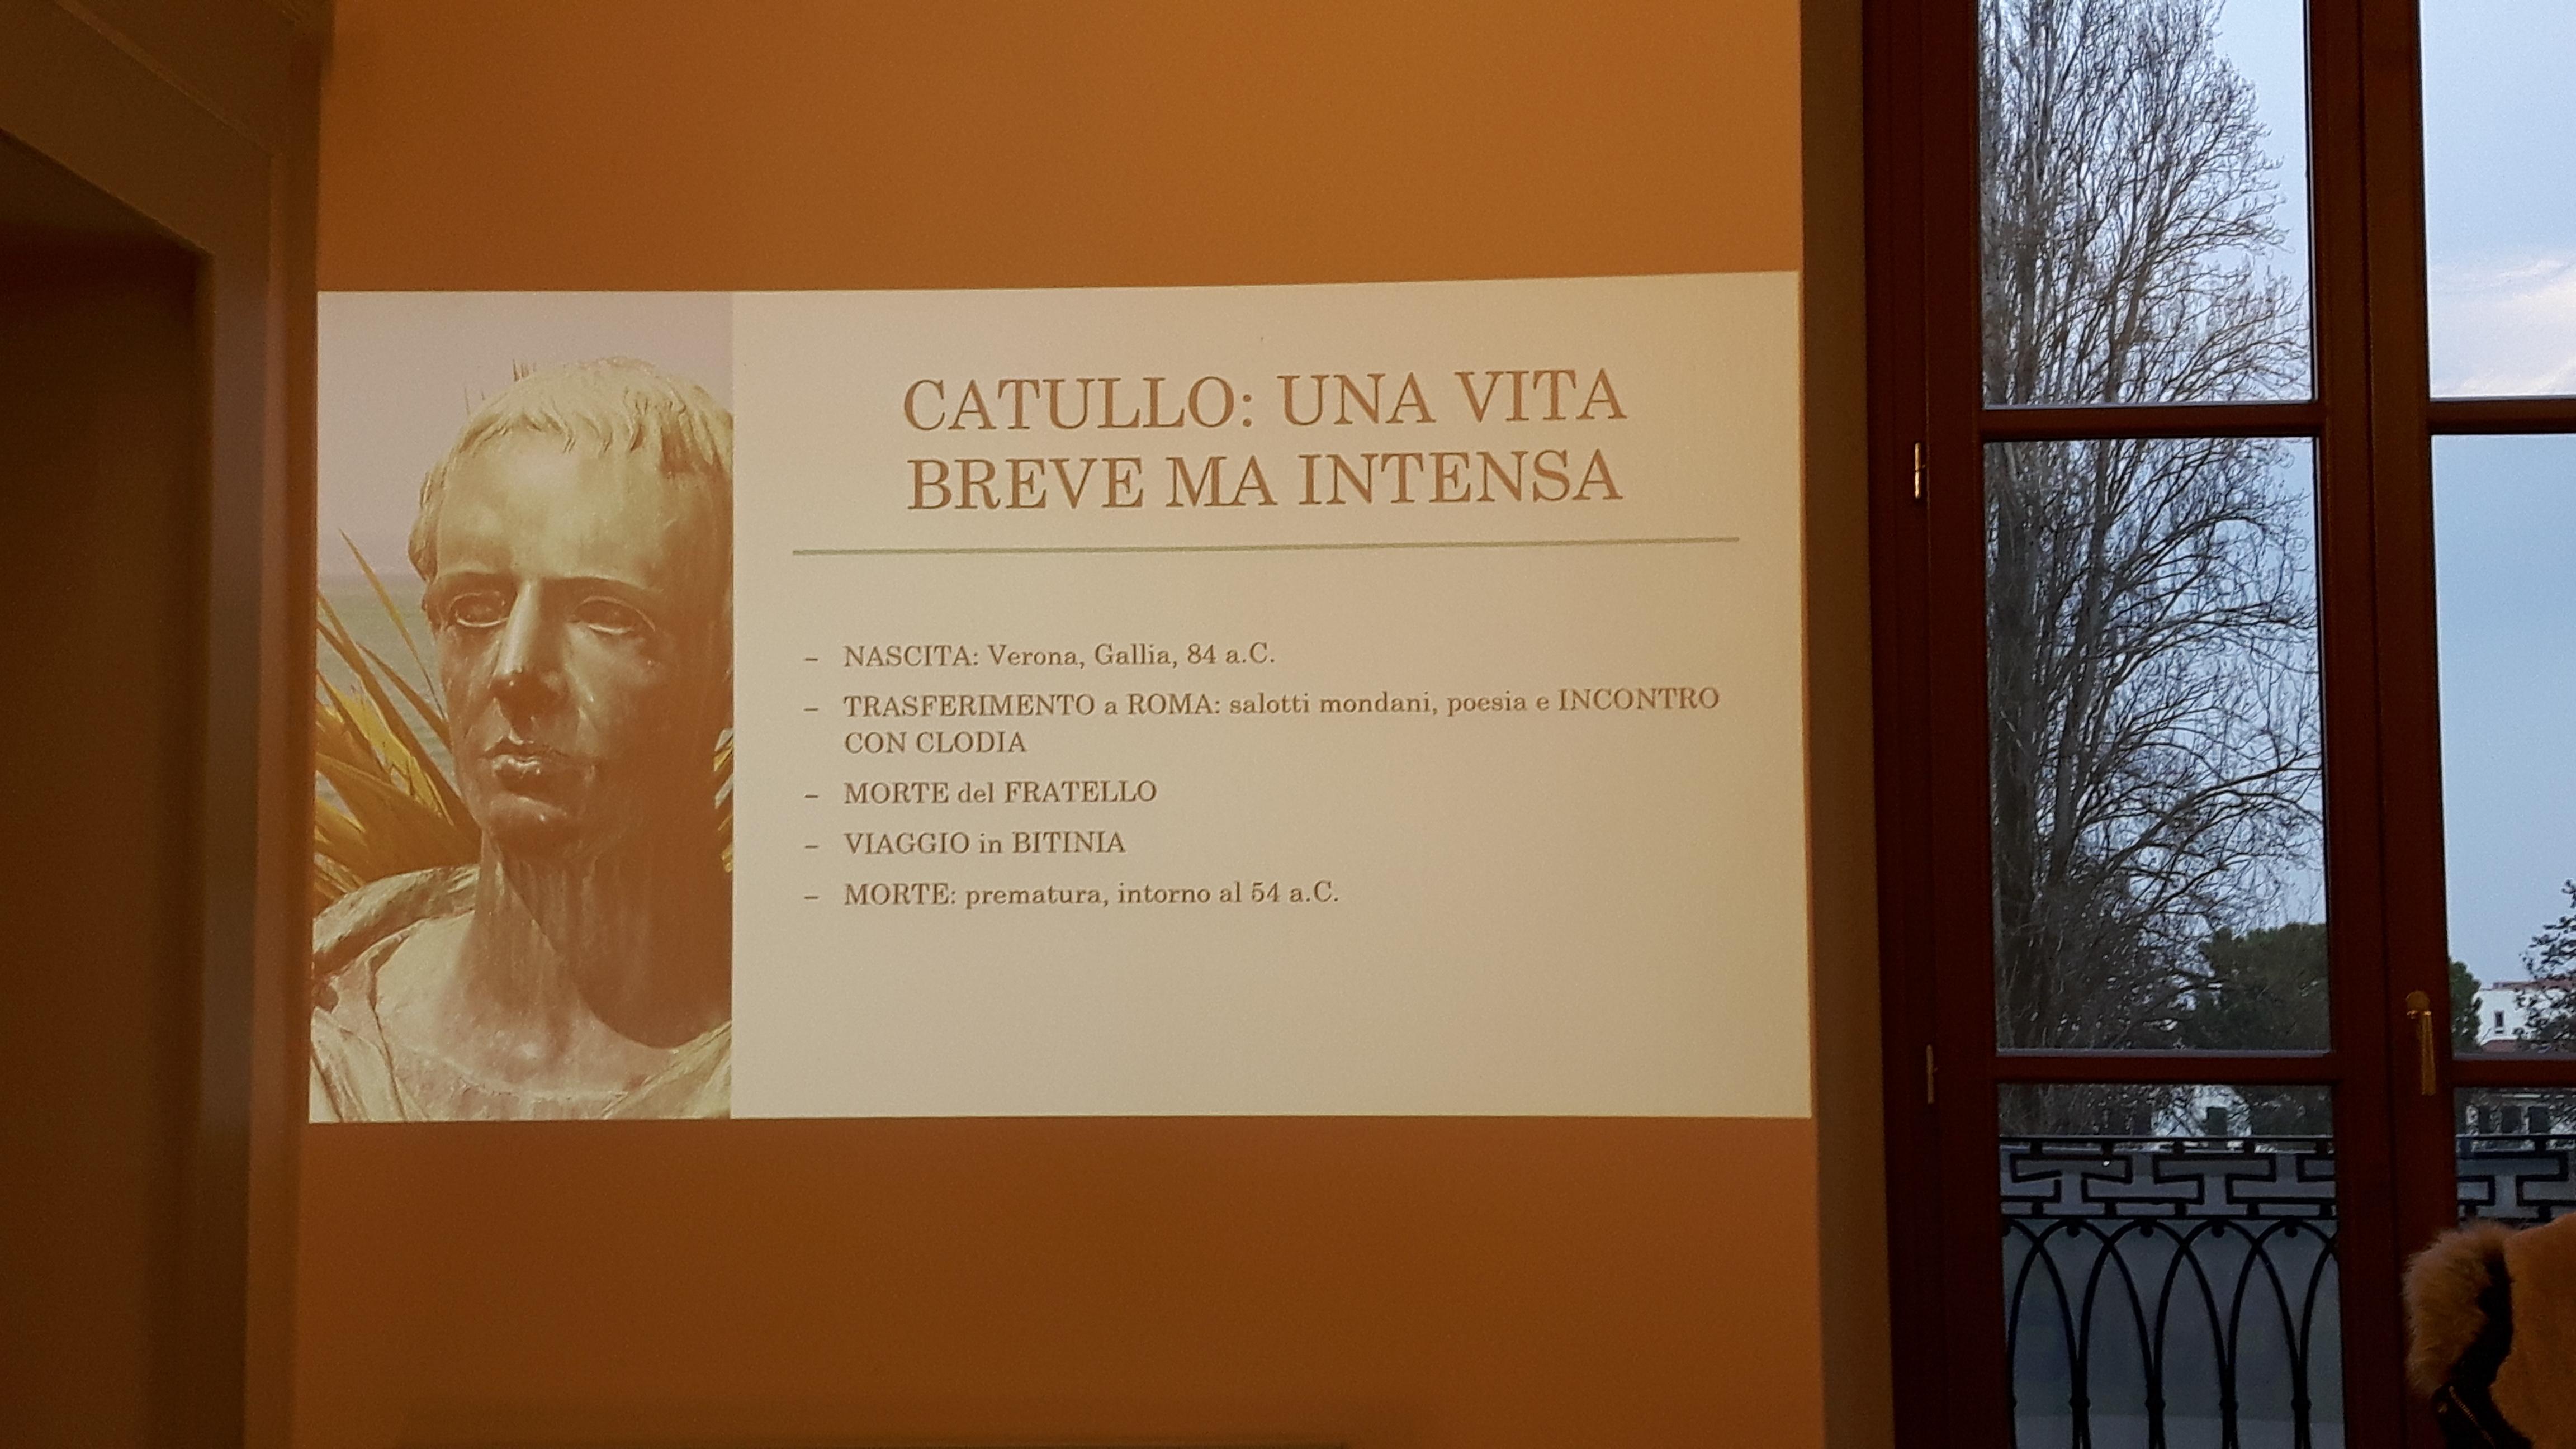 Conferenza su Catullo e Lesbia a cura di Carolina Carella e Chiara Carletti di 5^M